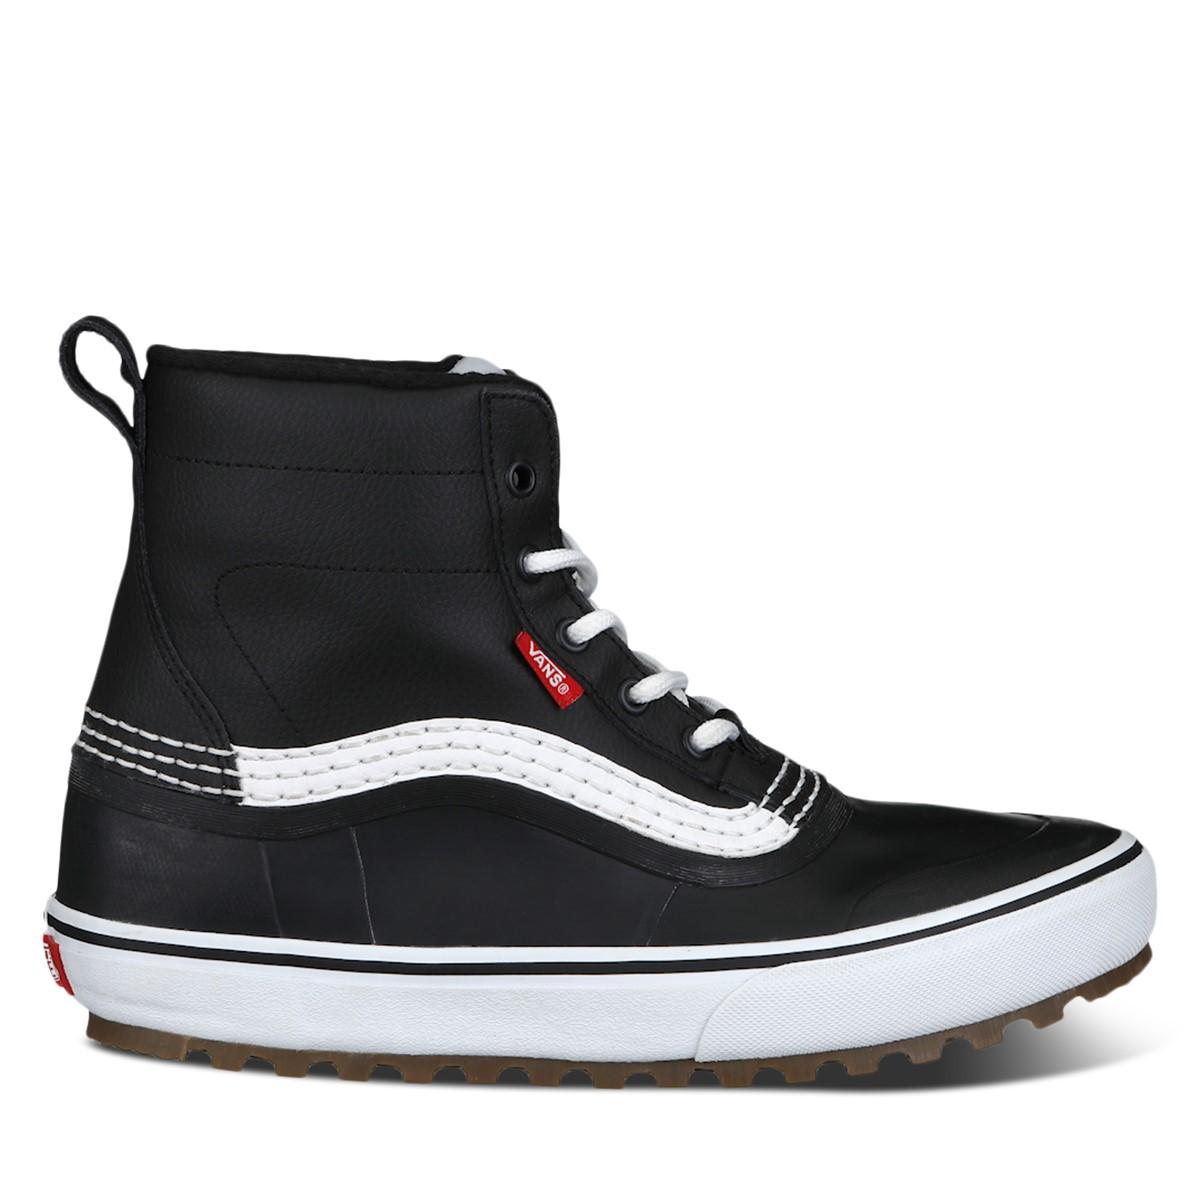 Women's Standard MTE Boots in Black